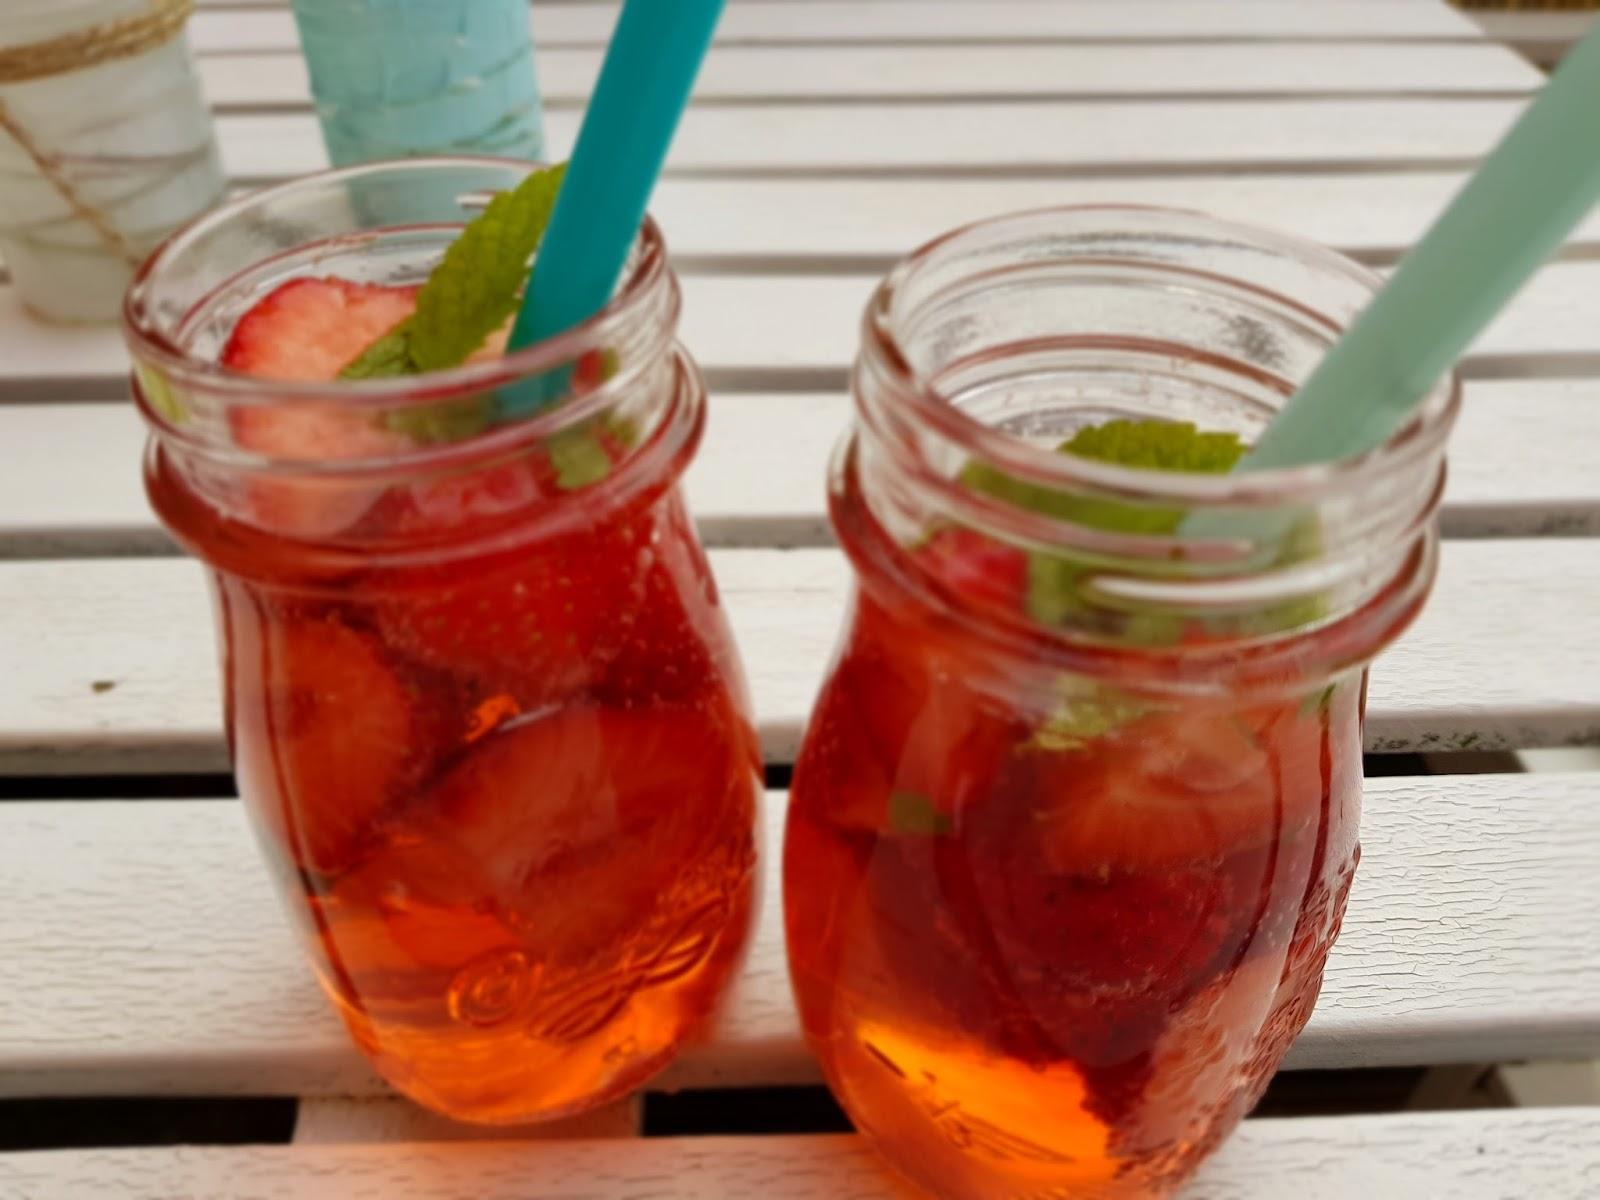 rezept ideen erdbeer basilikum bowle o alkohol und erdbeer baiser im glas apfelb ckchen. Black Bedroom Furniture Sets. Home Design Ideas